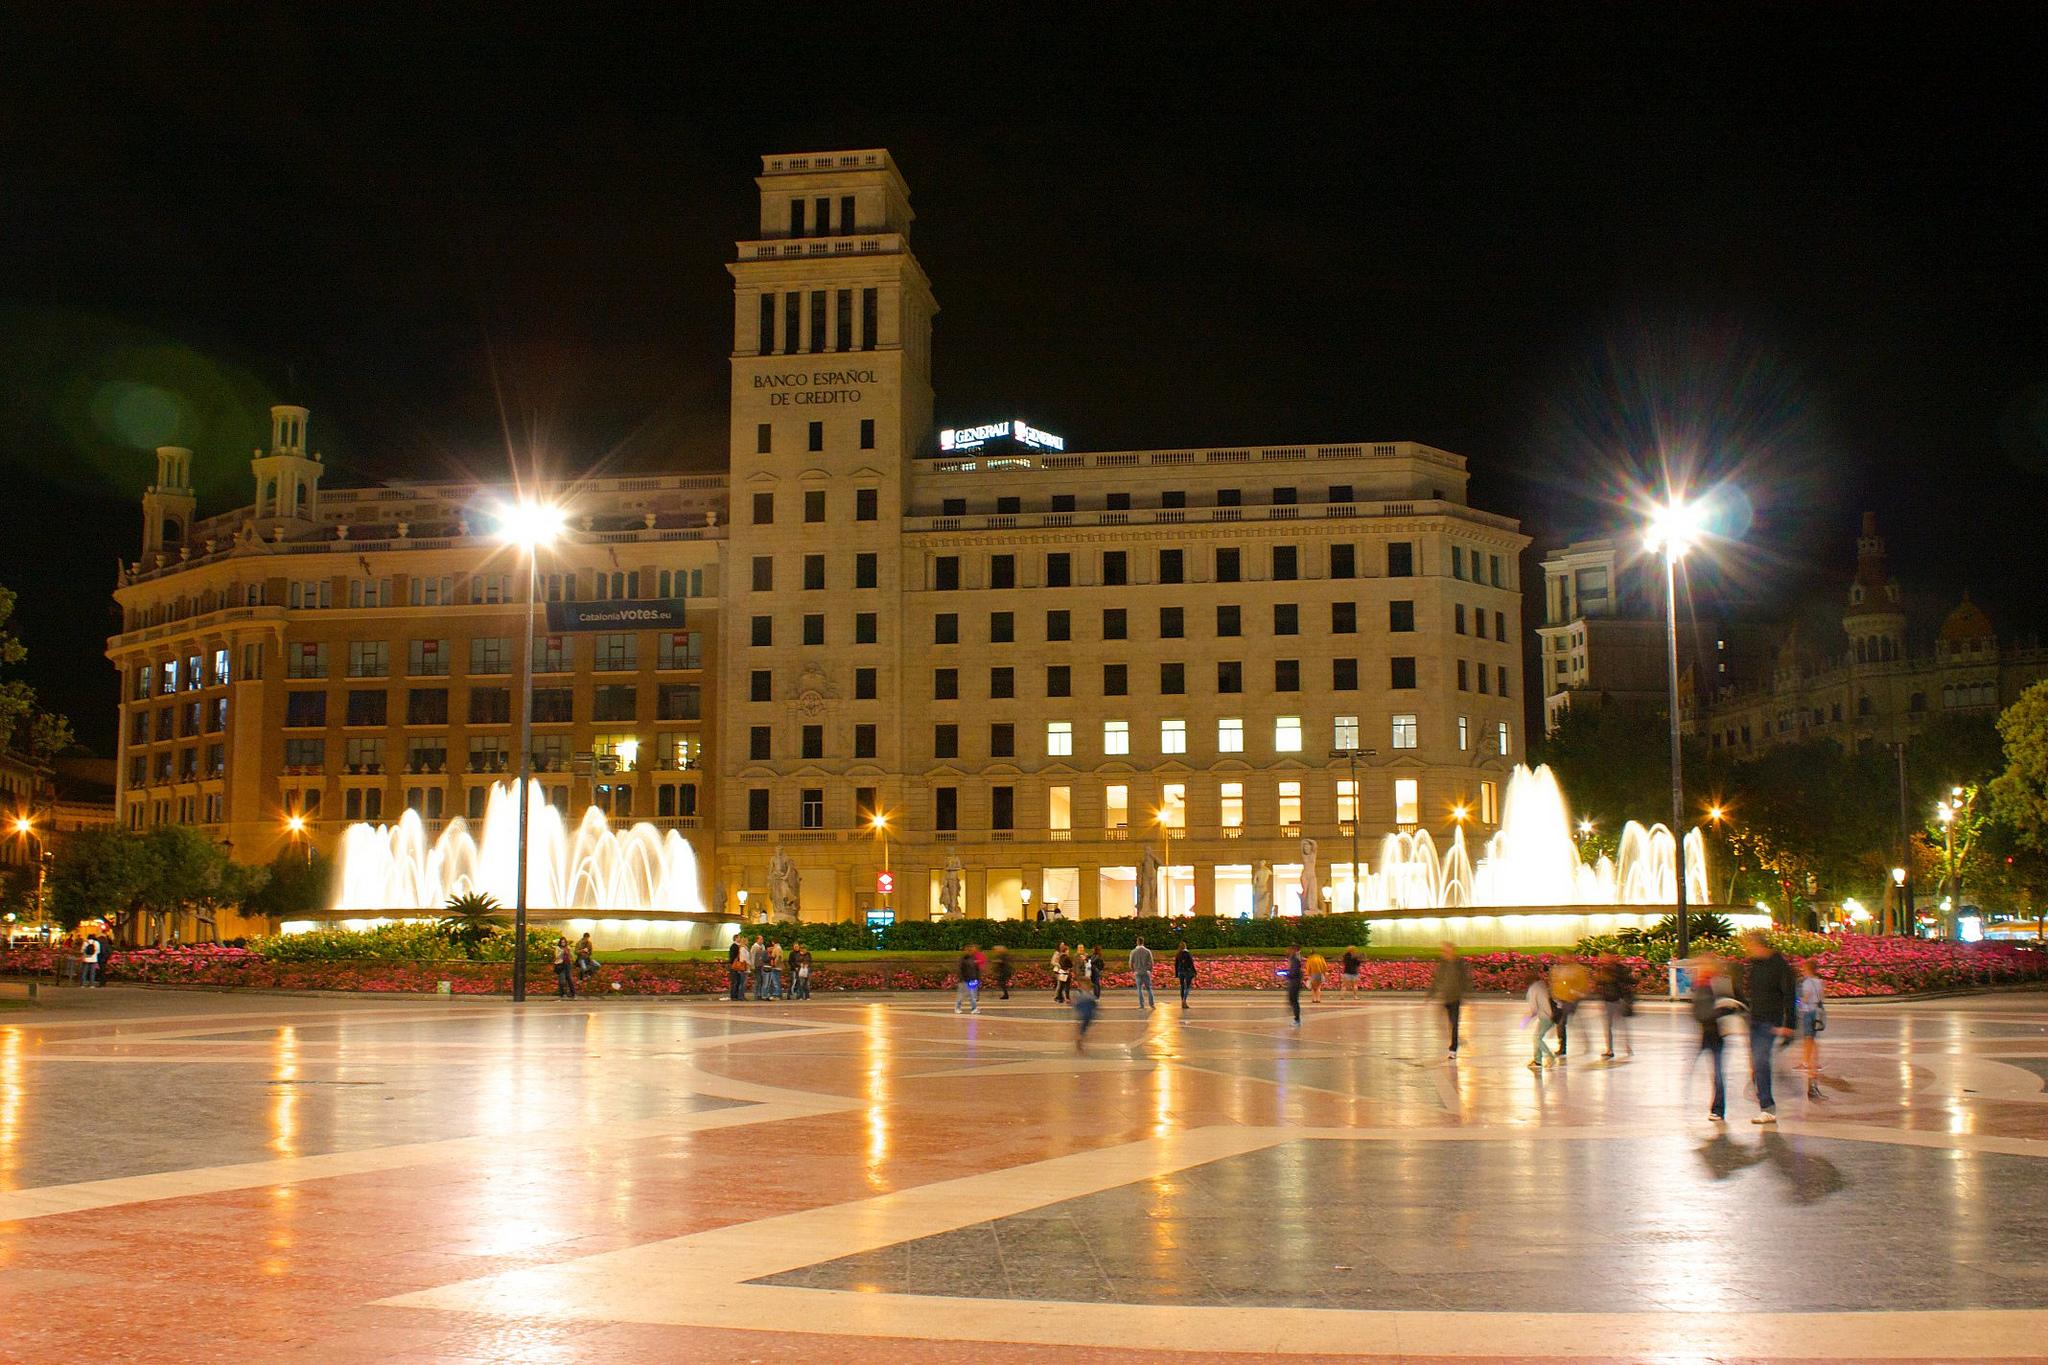 Площадь Каталонии вечером